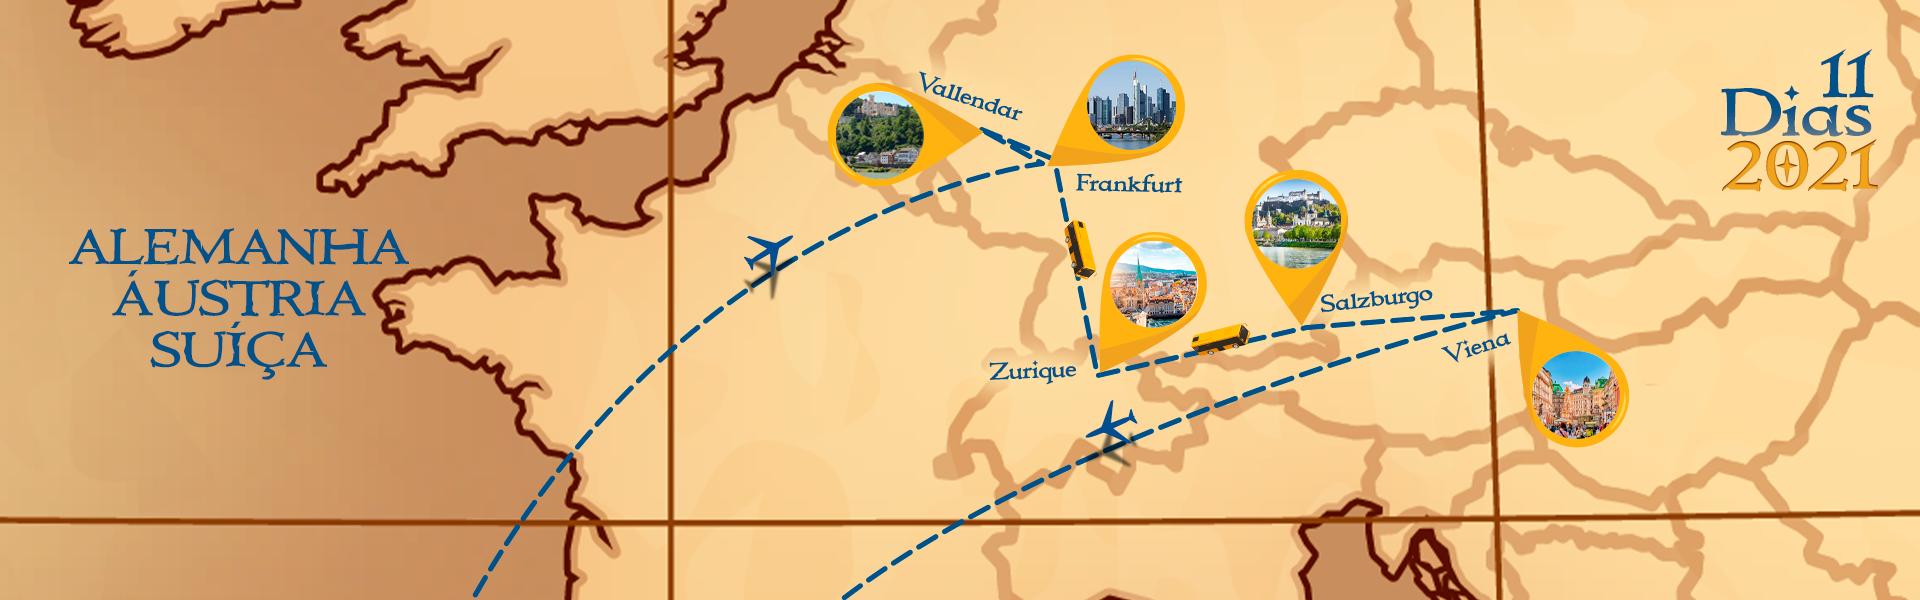 Roteiro de Alemanha, Suiça e Áustria